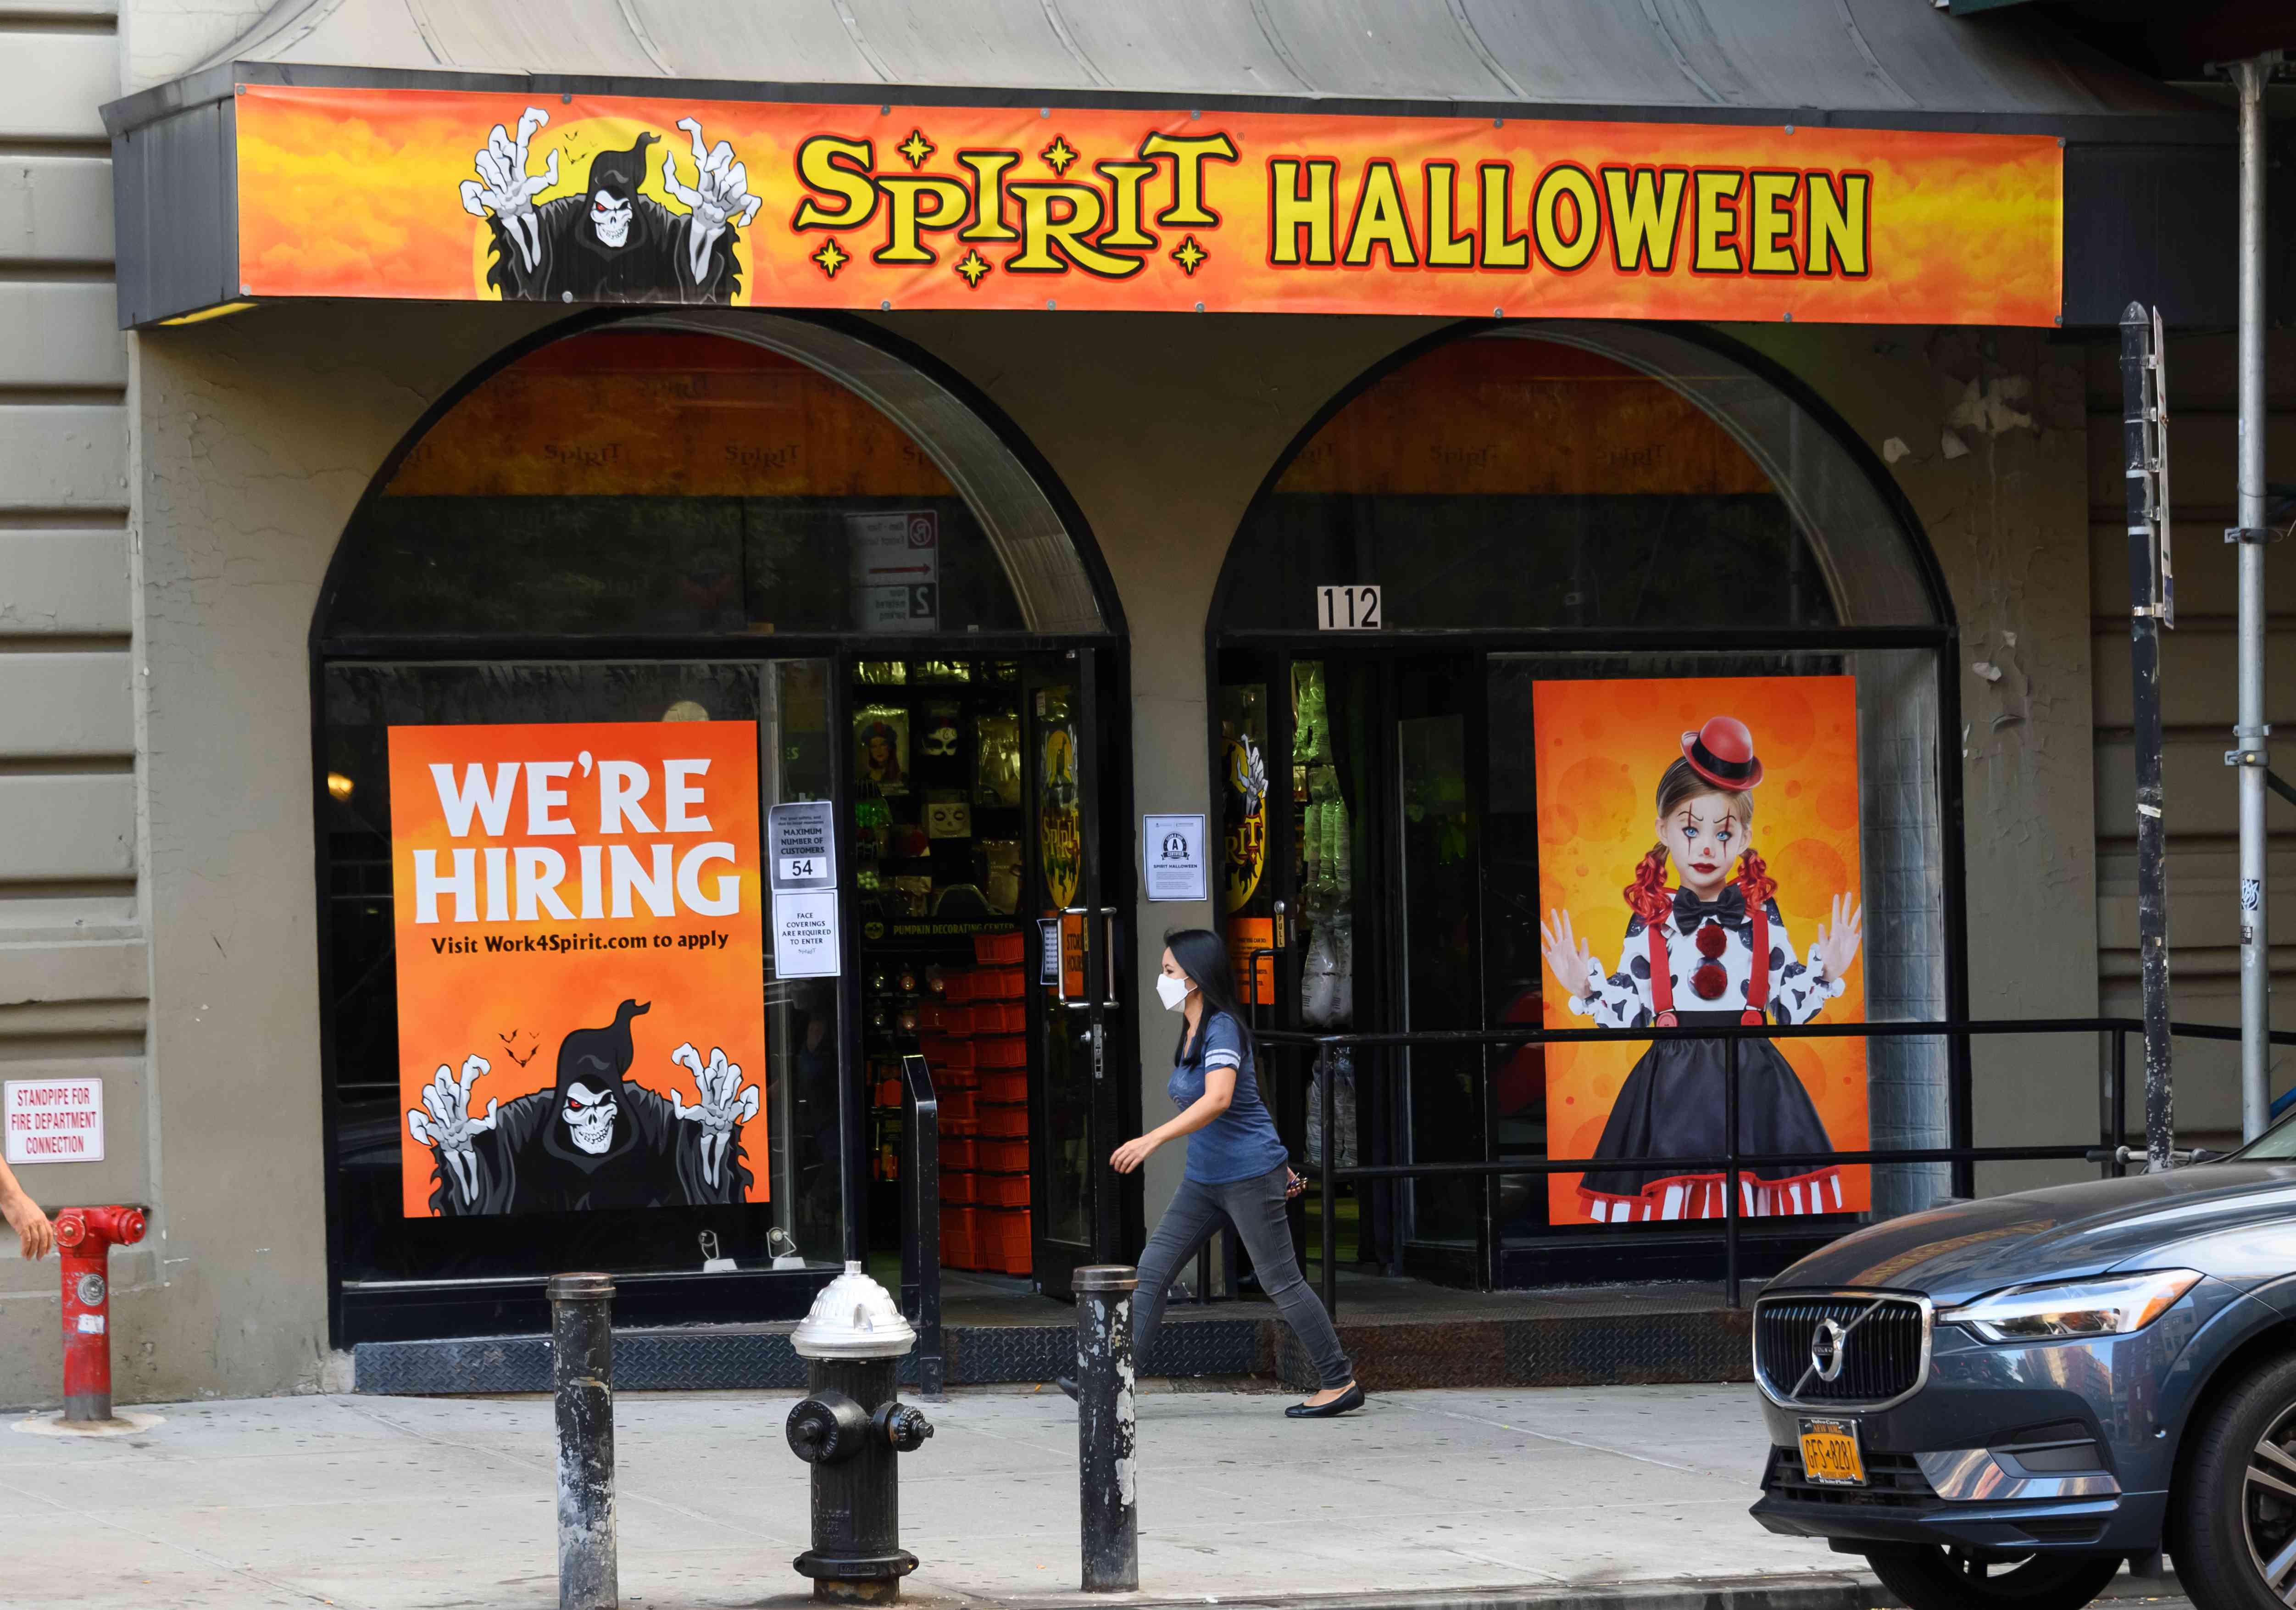 Spirit Halloween storefront